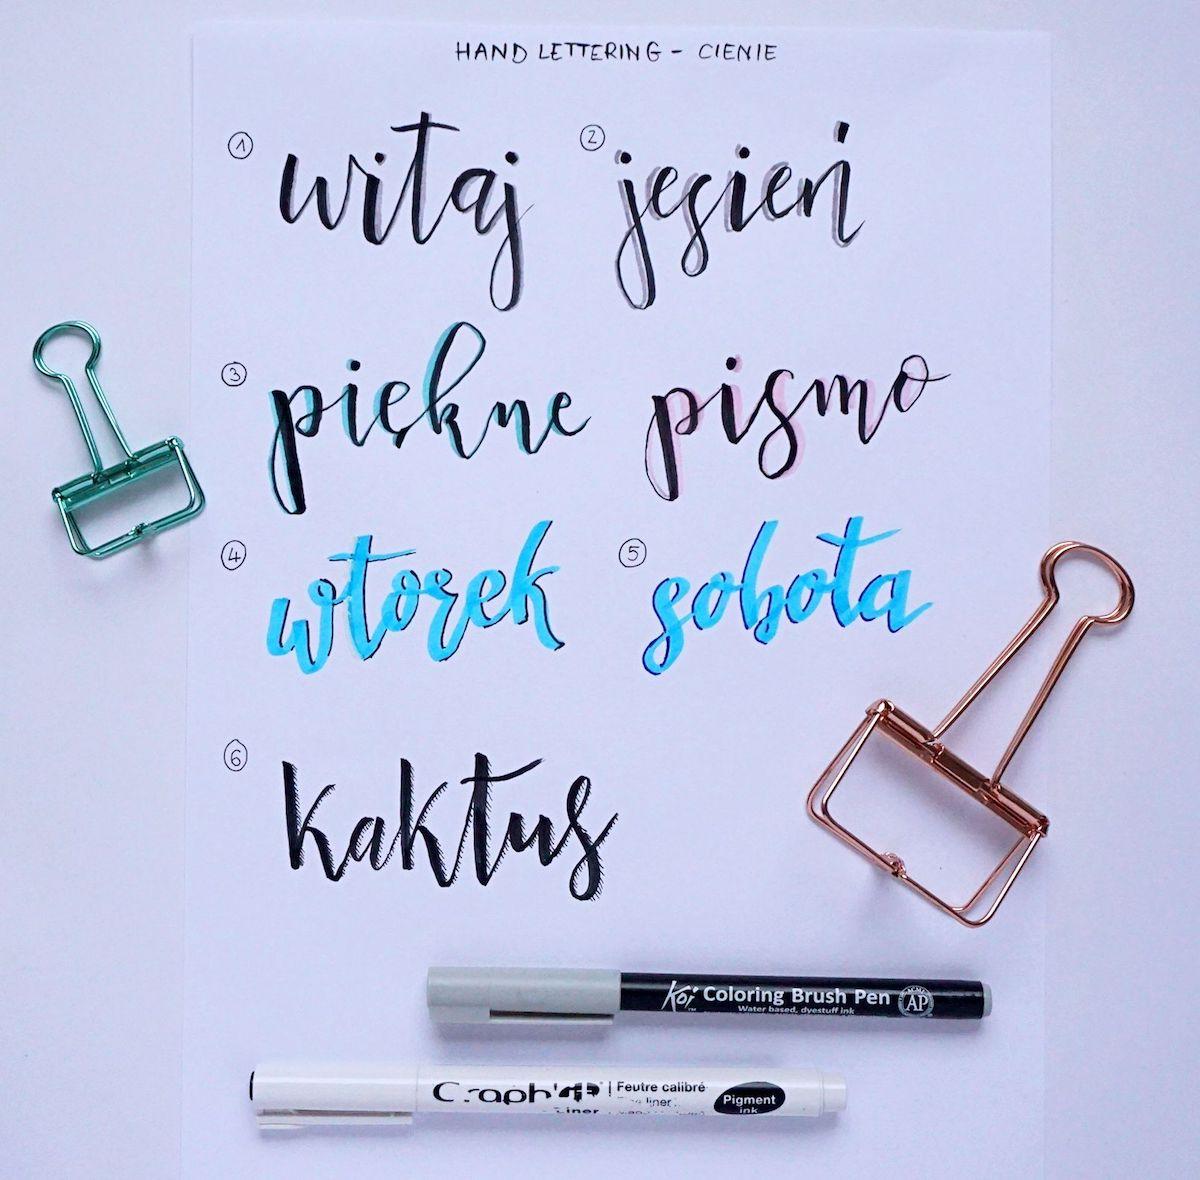 Hand lettering shadows cienie - jak ozdabiać litery - pomysły i inspiracje